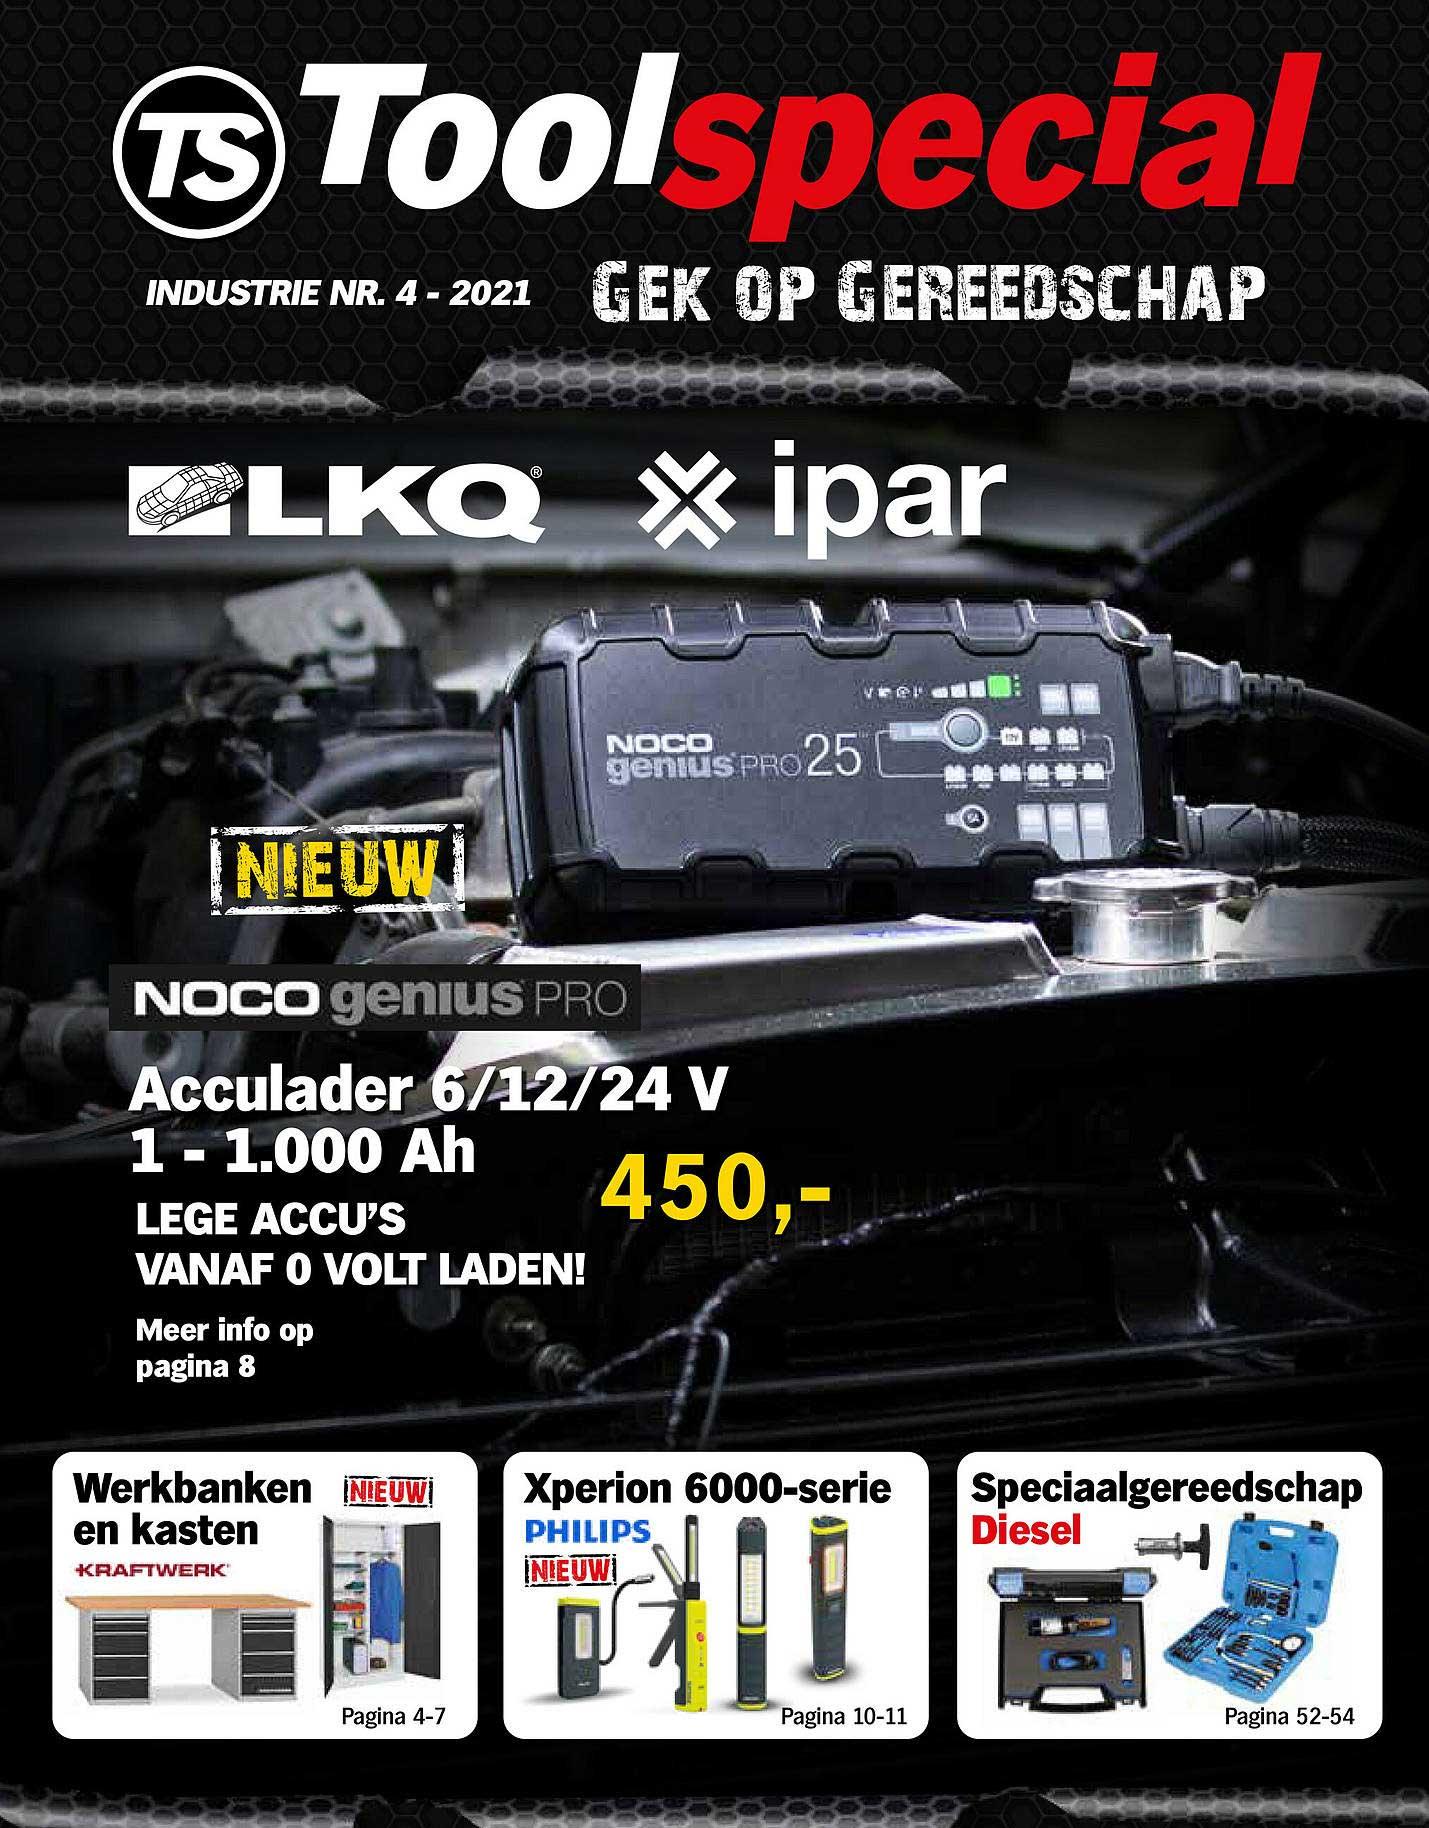 Toolspecial Noco Genius Pro Acculader 6-12-24 V 1 - 1.000 Ah